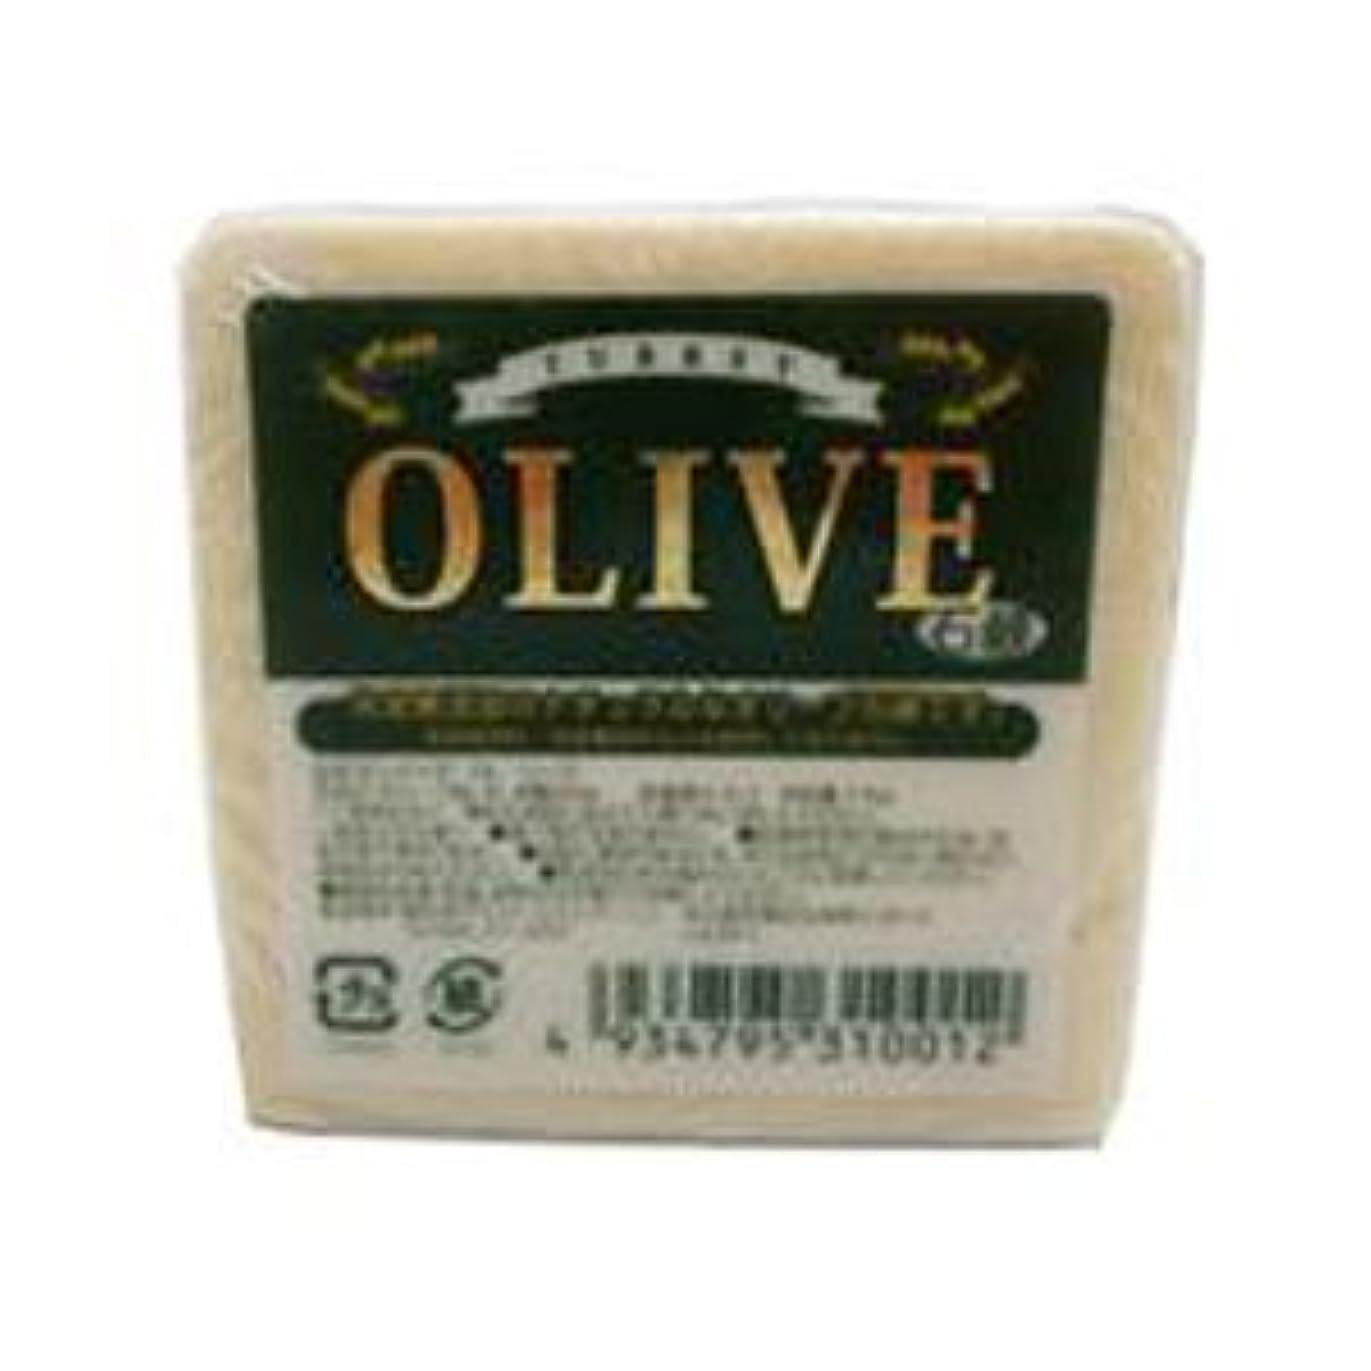 定規テナントうぬぼれお得な10個セット トルコ産オリーブを使用した無添加石鹸 ターキーオリーブ石鹸 135g